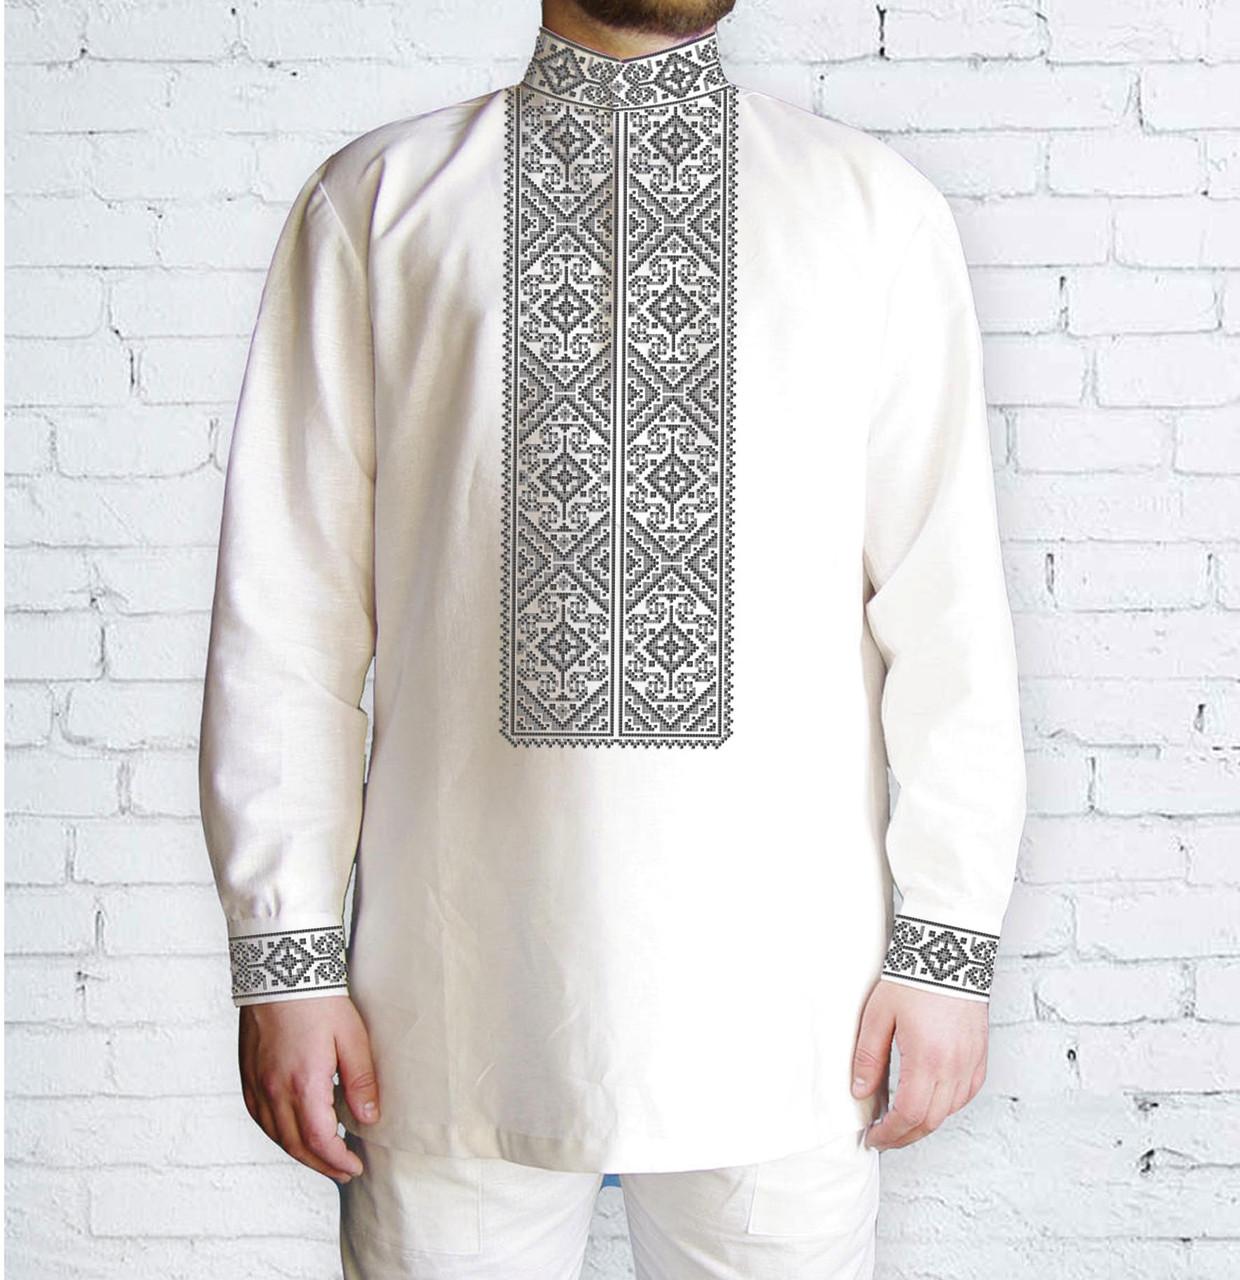 Заготовка чоловічої сорочки та вишиванки для вишивки чи вишивання бісером Бисерок «Орнамент 522 С» (Ч-522 С )